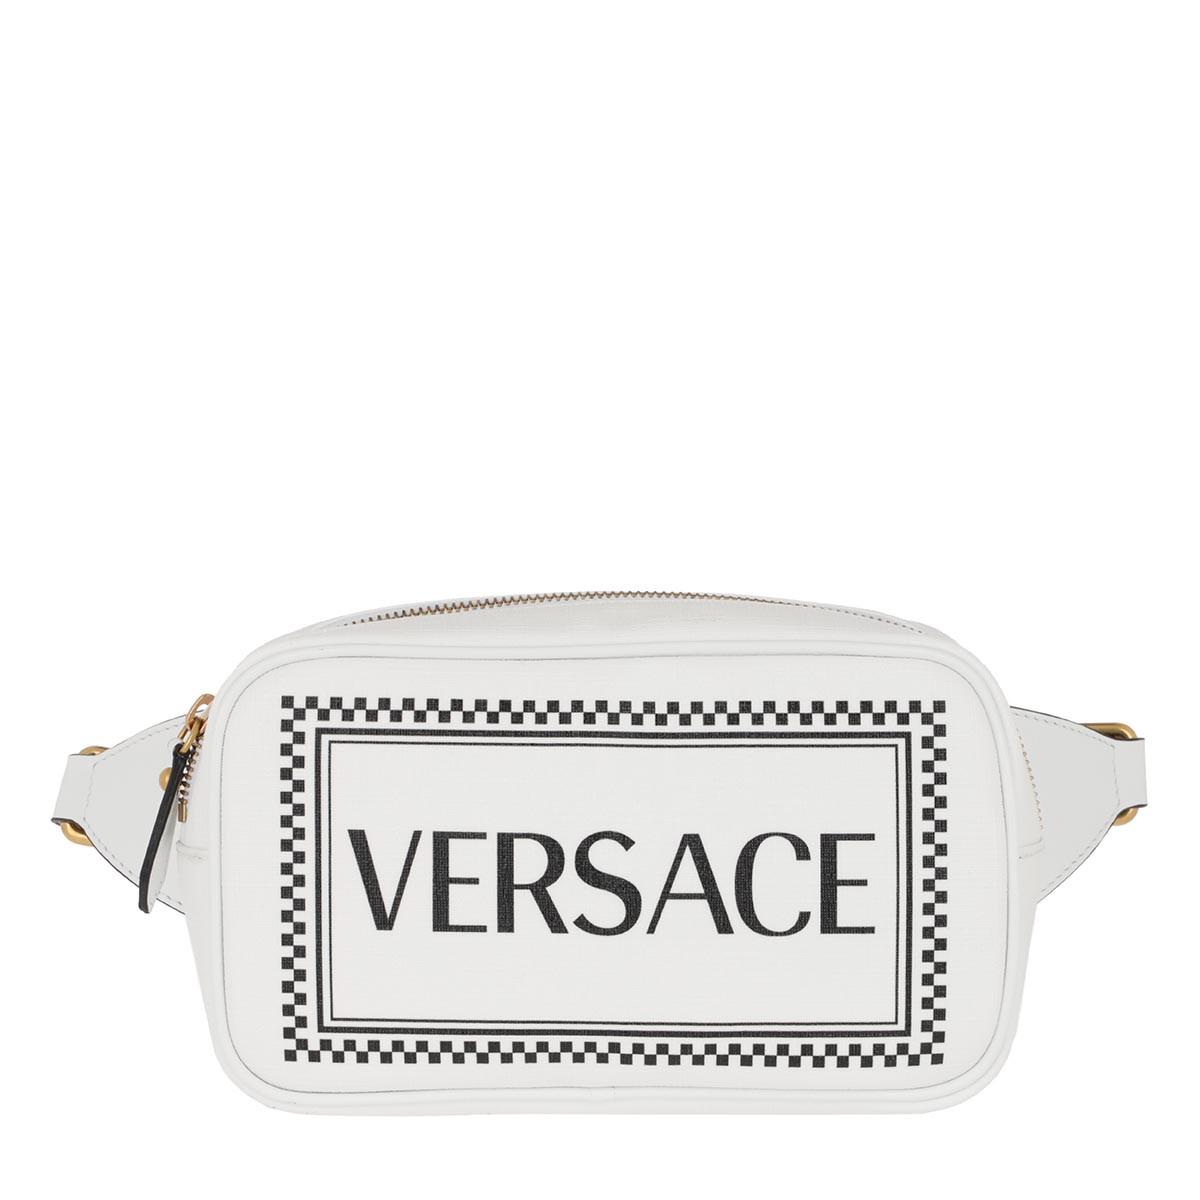 Versace Gürteltasche - Belt Bag White Black Tribute Gold - in weiß - für Damen